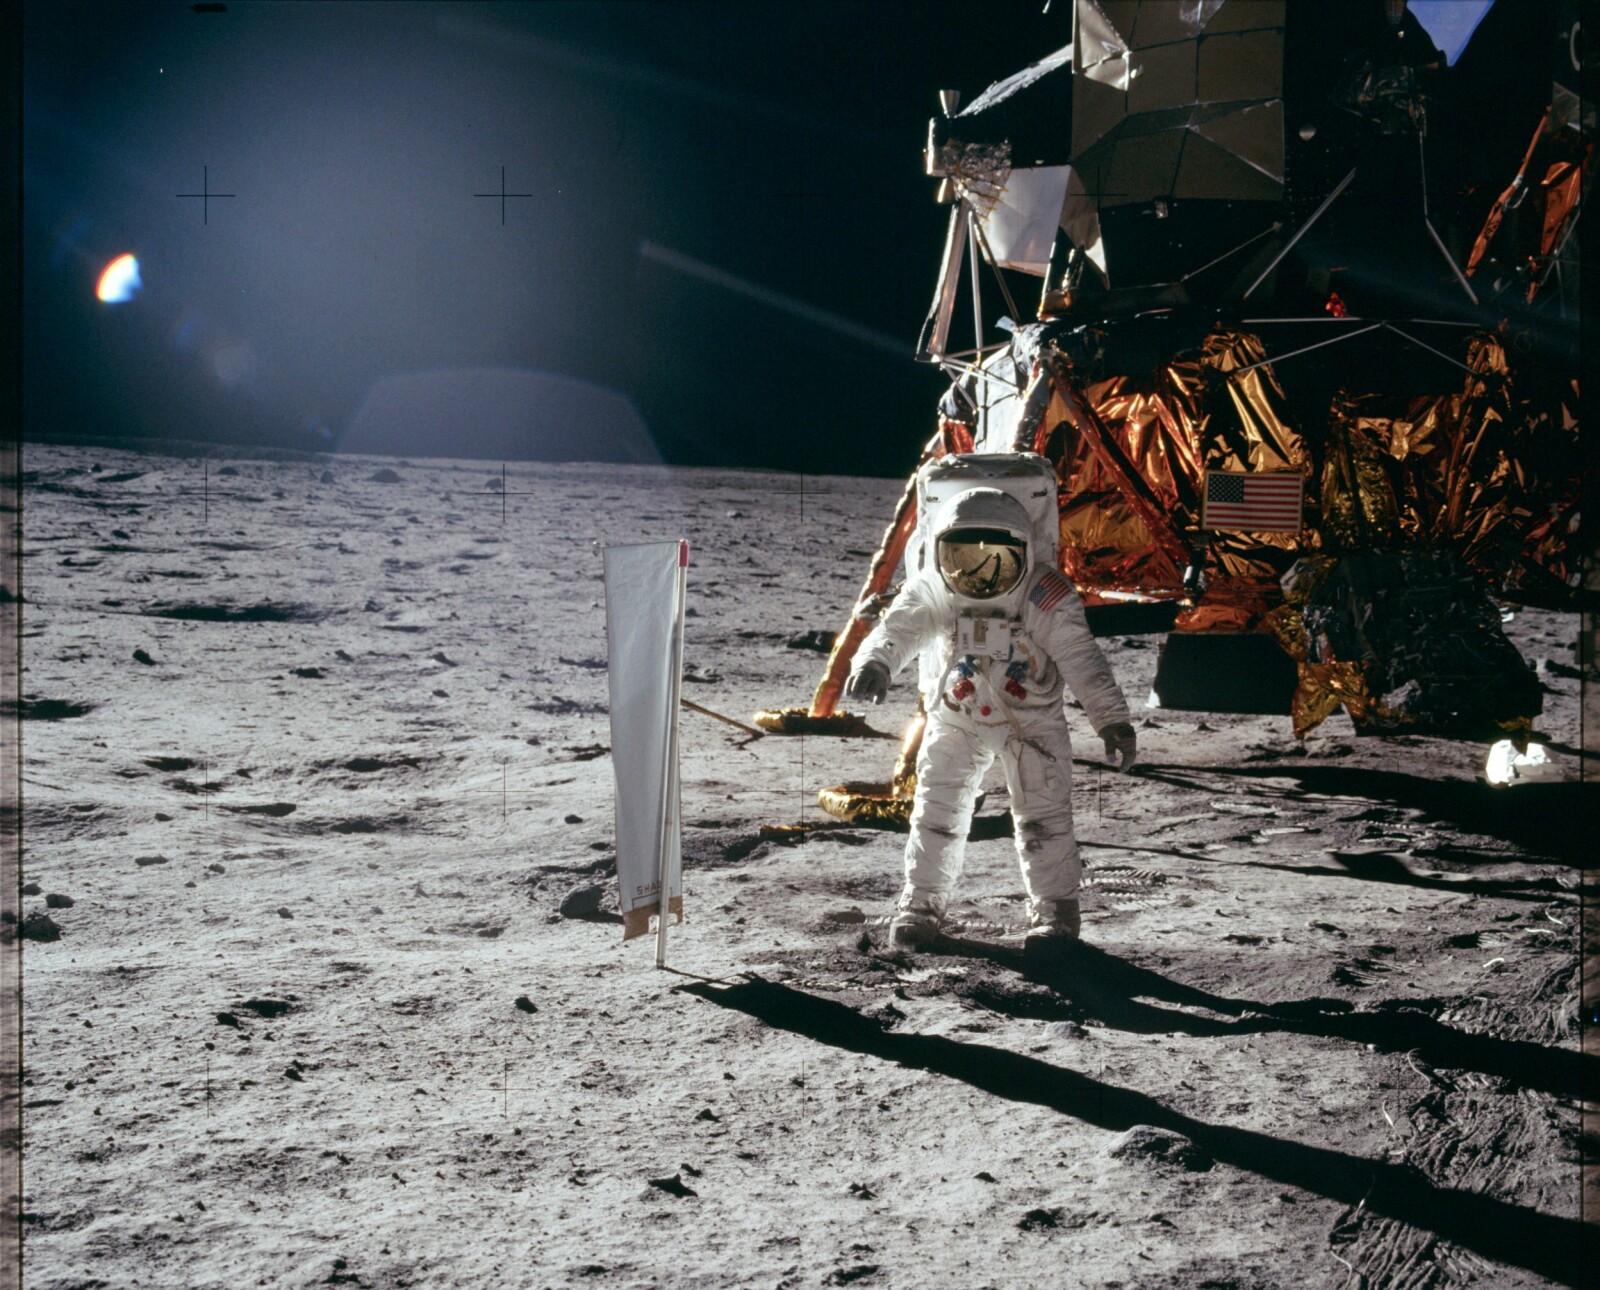 <b>MÅNEMANN:</b> Den første månelandingen skjedde 24. juli 1969 med astronautene Neil Armstrong og Buzz Aldrin. Aldrin beskriver spaserturen som ren glede.